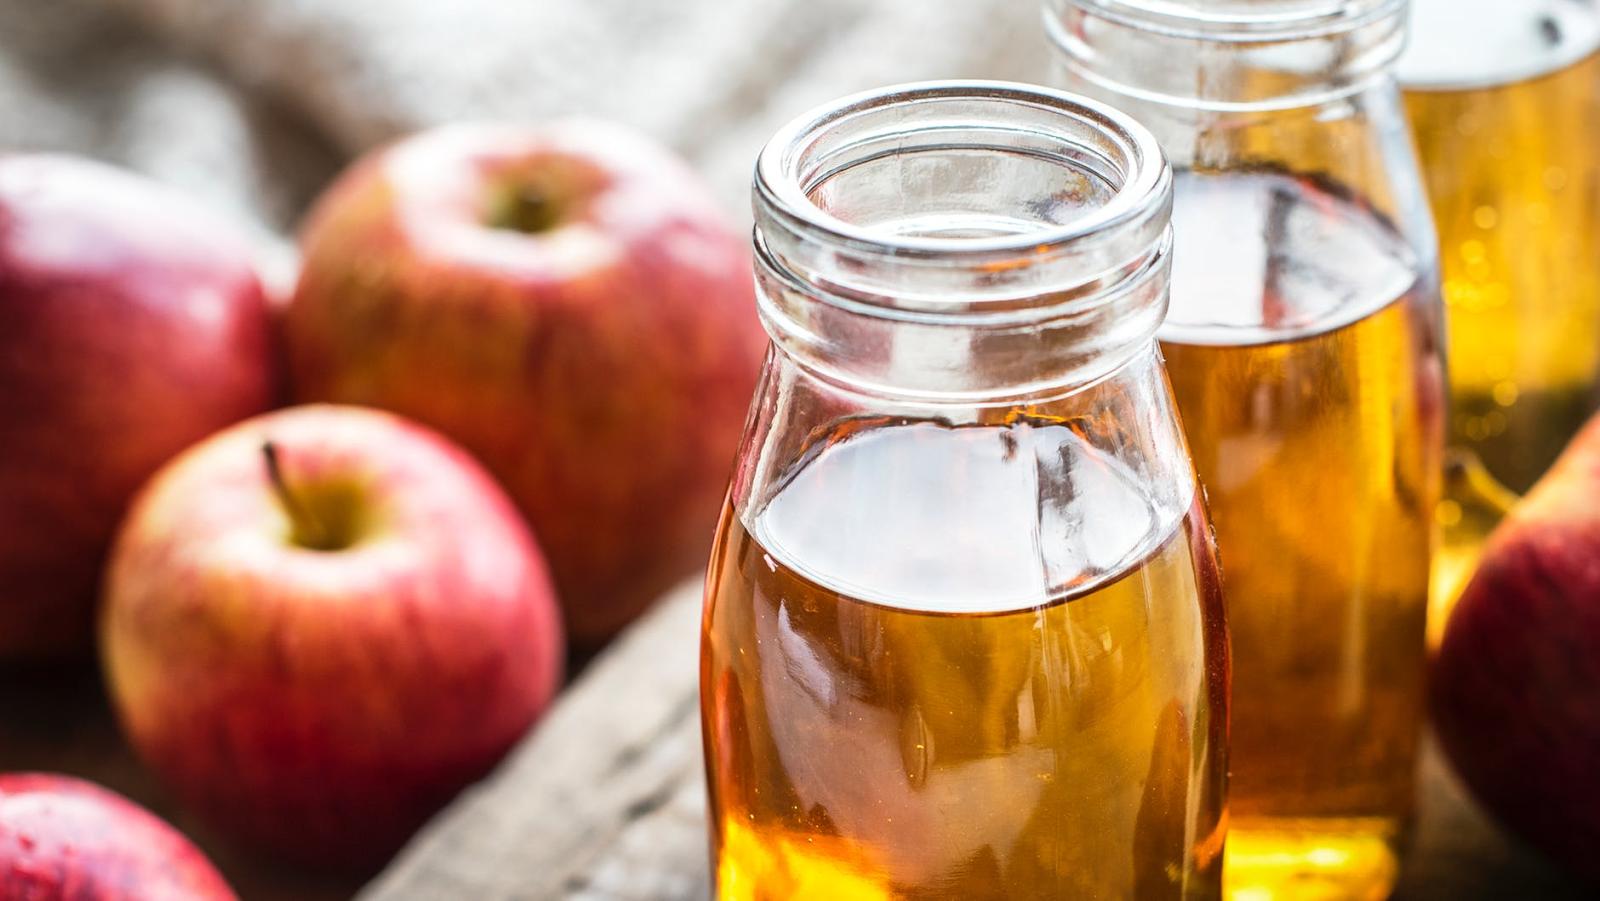 glasses of apple cider